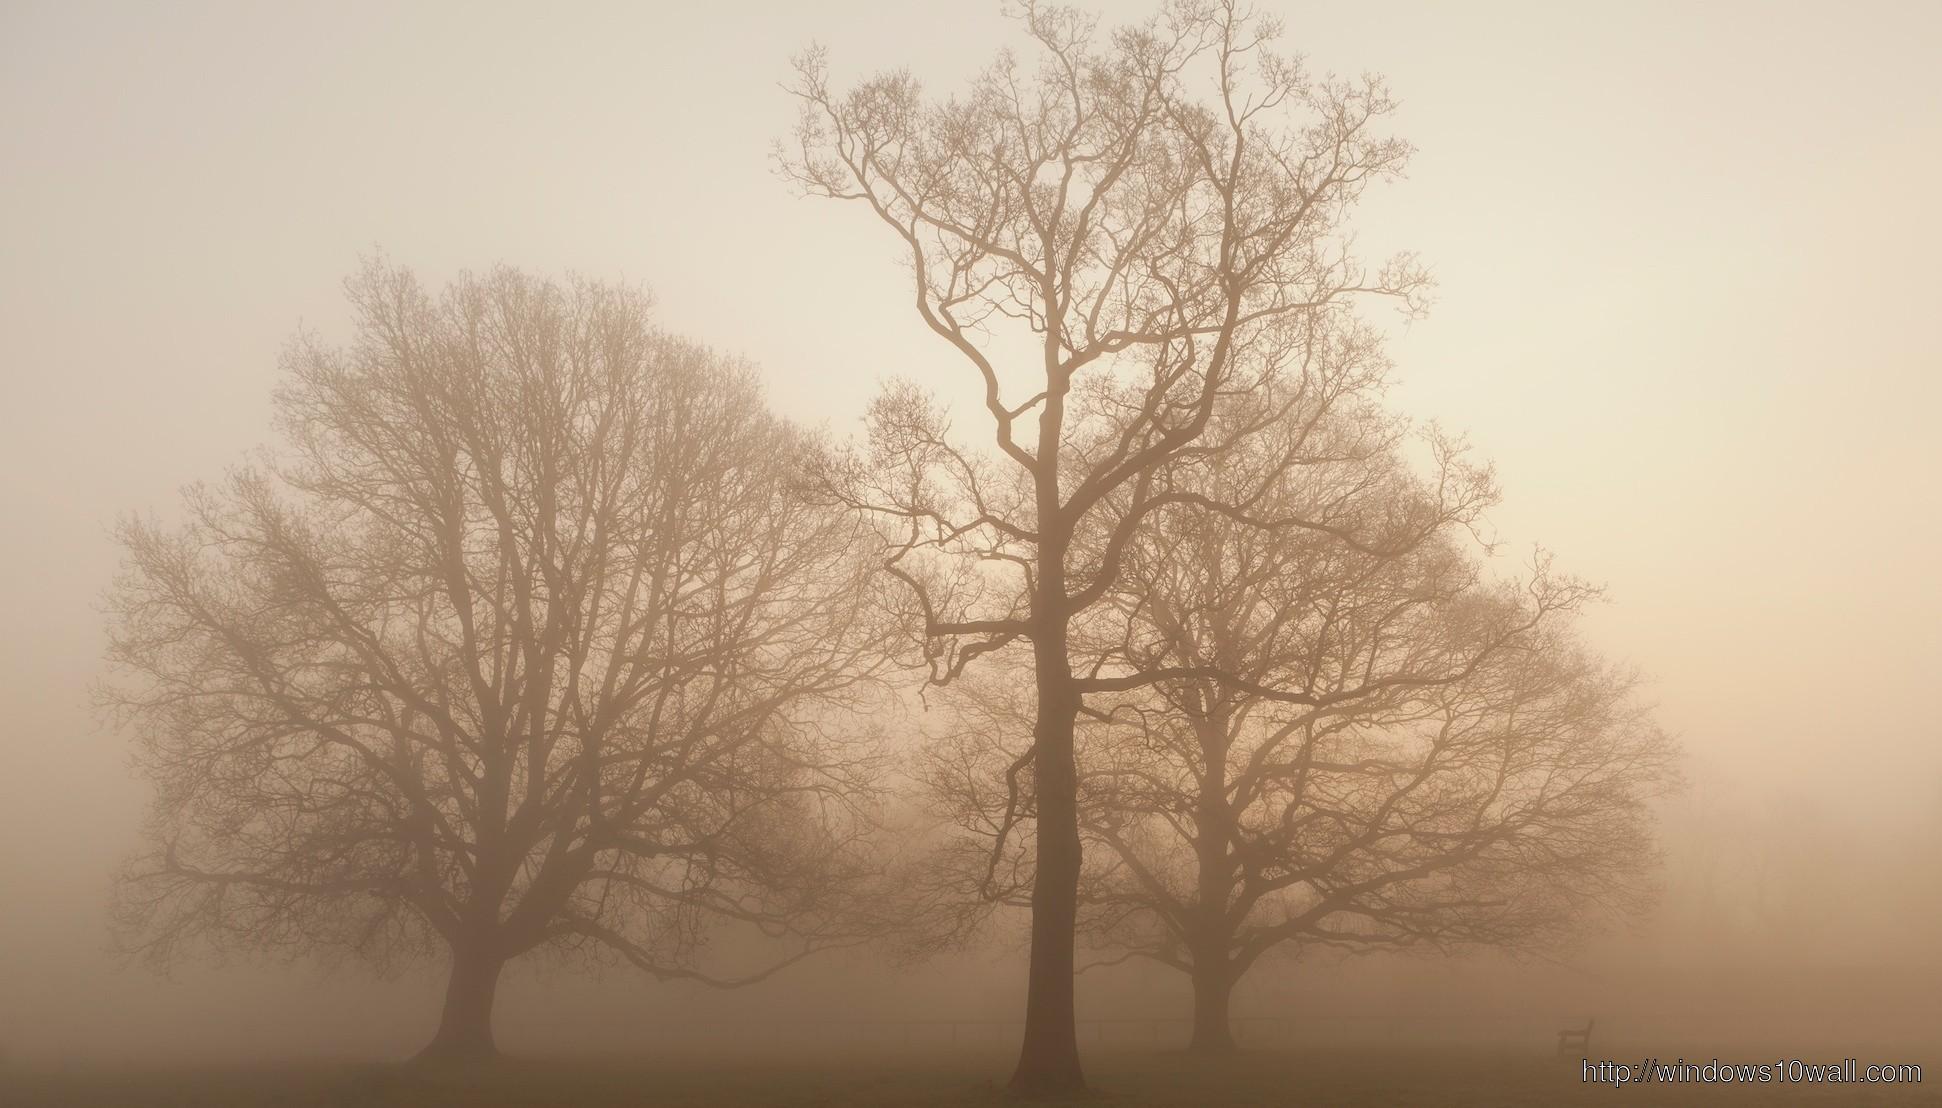 Earth Fog Wallpaper for desktop Background